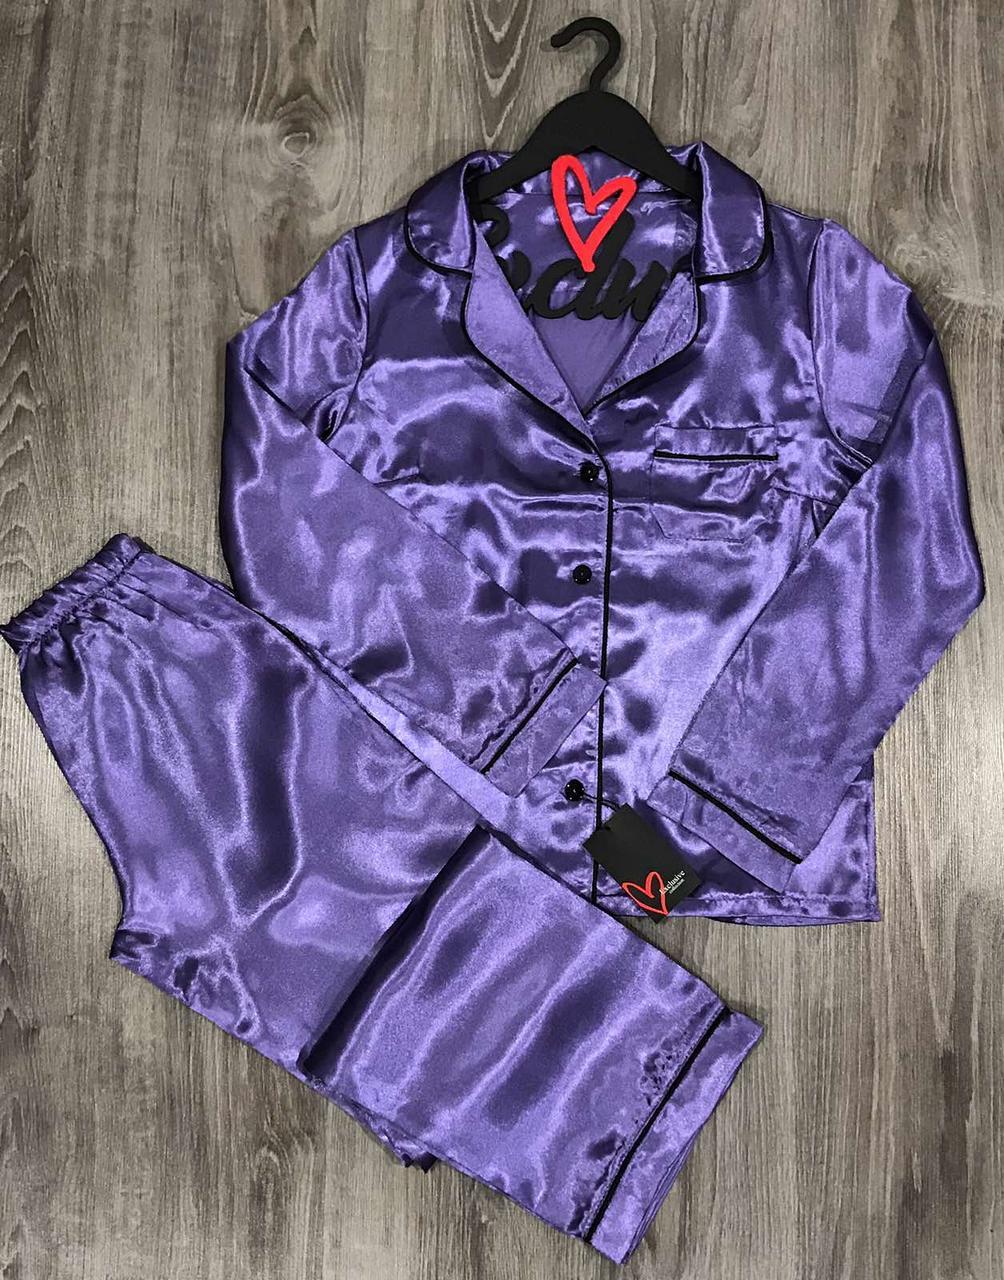 Атласная брючная пижама с кантом штаны и рубашка 031, пижамы женские.